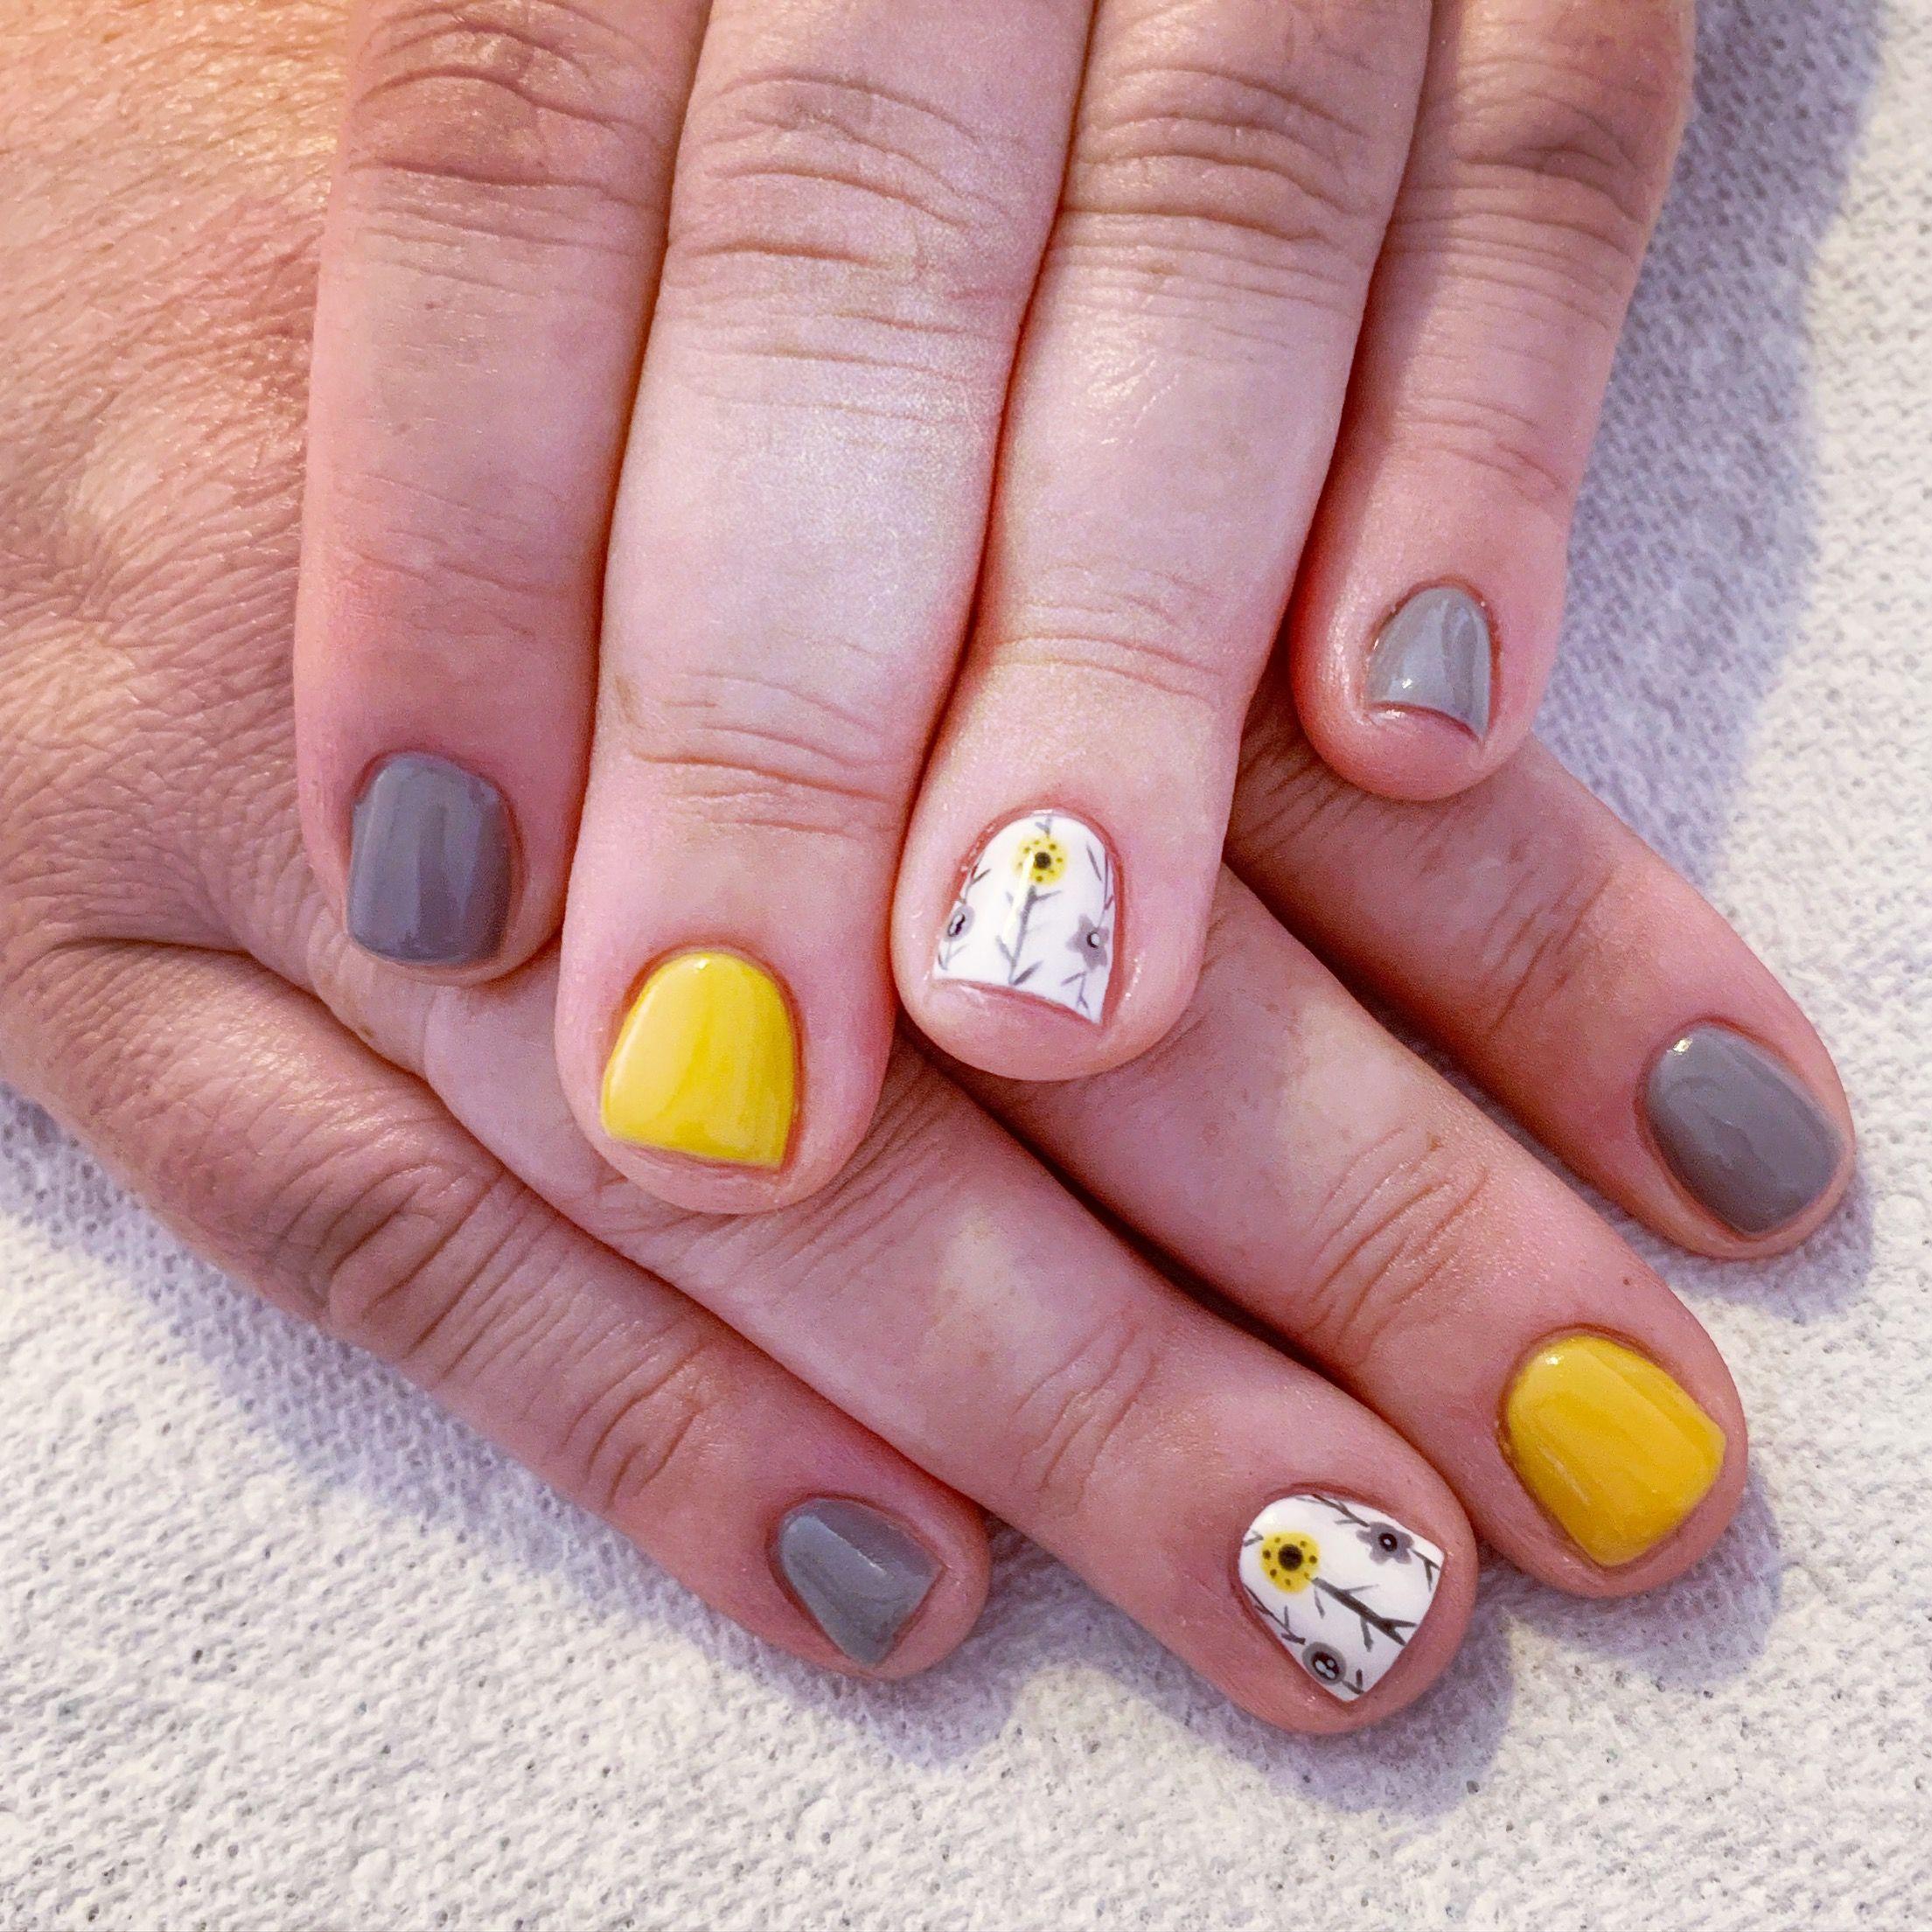 Grey And Yellow Nails Short Nails Gel Nails Natural Nails Nail Stamps Nail Art Glitter Nails Rockstar Nails Summer N White Nails Yellow Nails Gel Nails